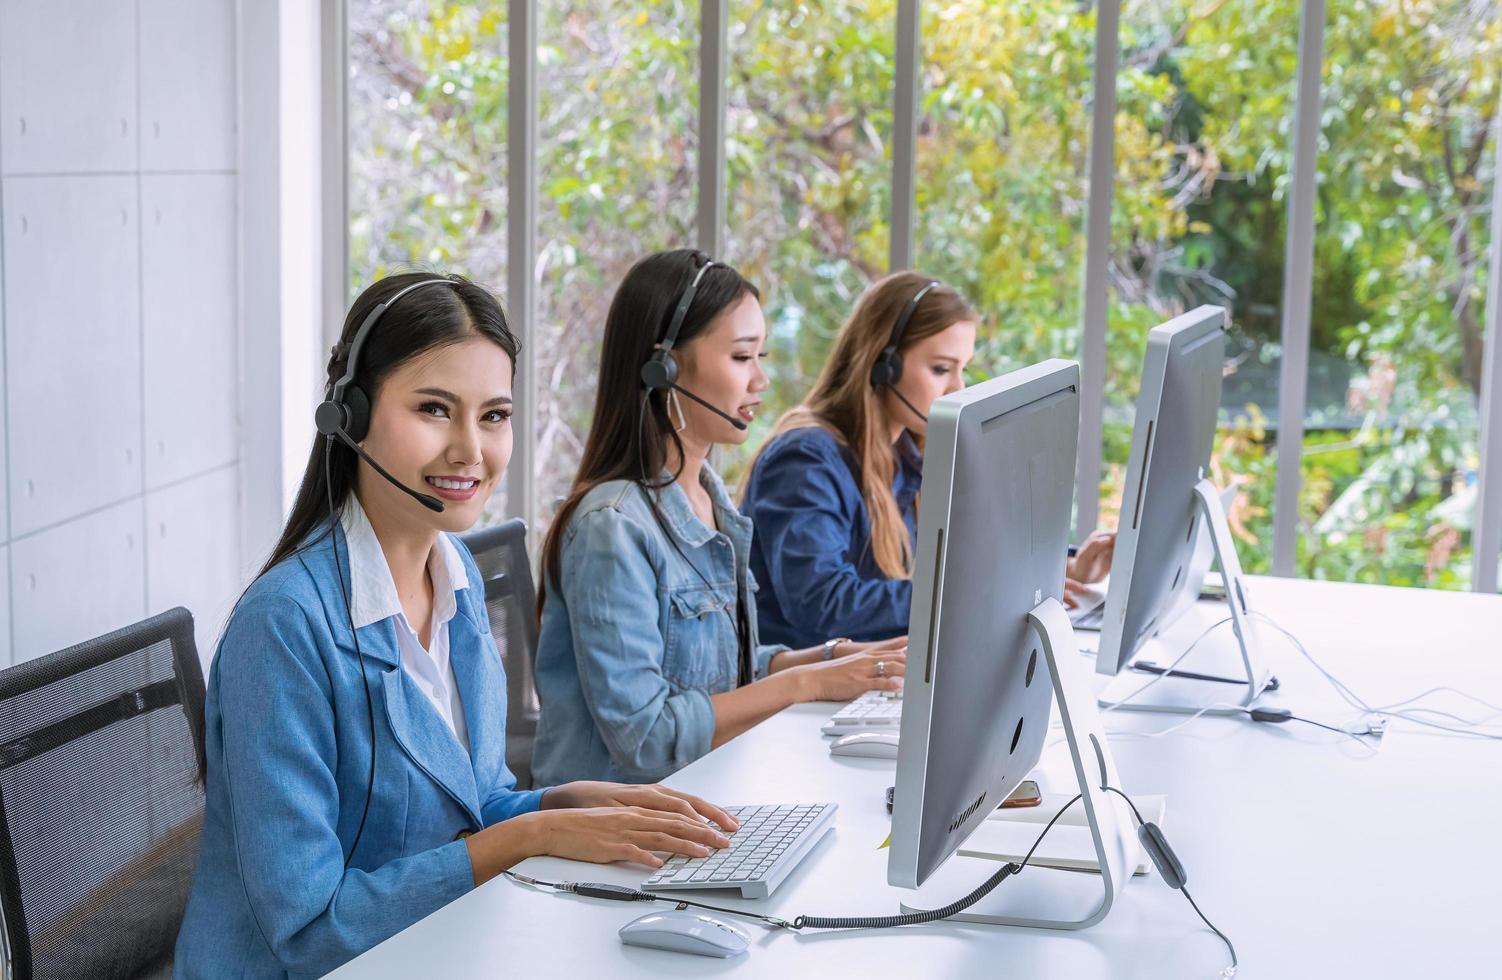 jeunes professionnels travaillant dans un bureau photo